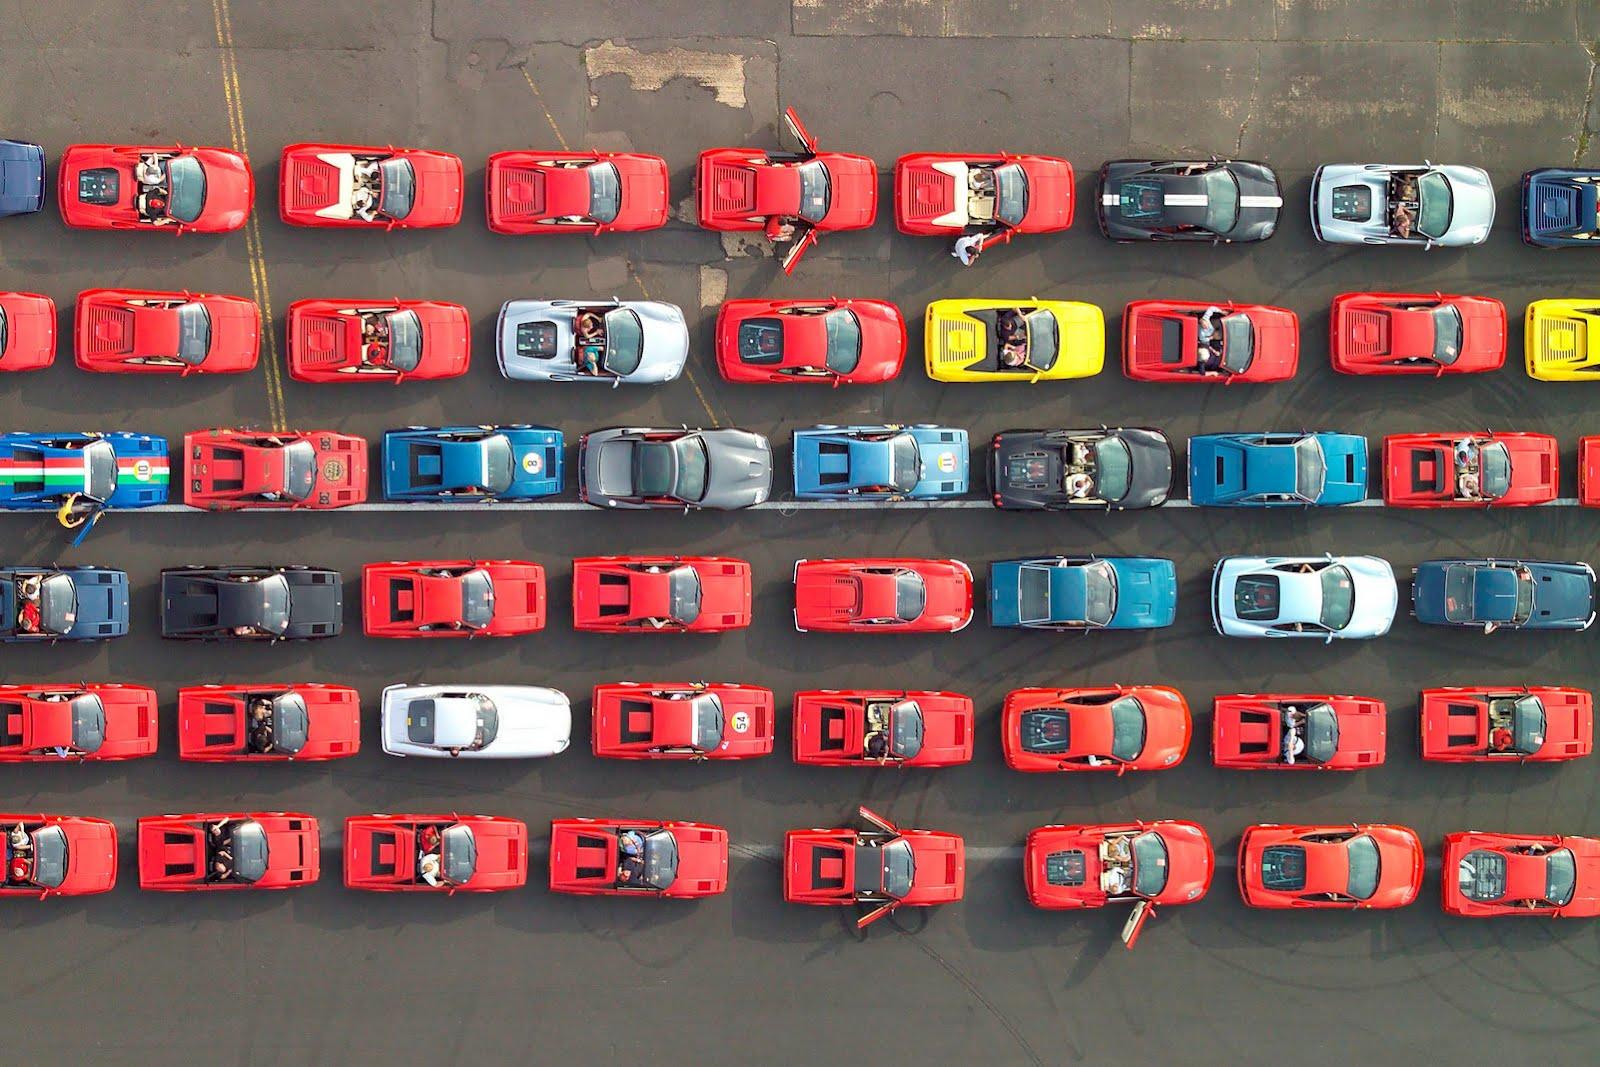 Ferrari guiness 2 Ferrari confirma 1000 carros inscritos para bater o record do Guiness